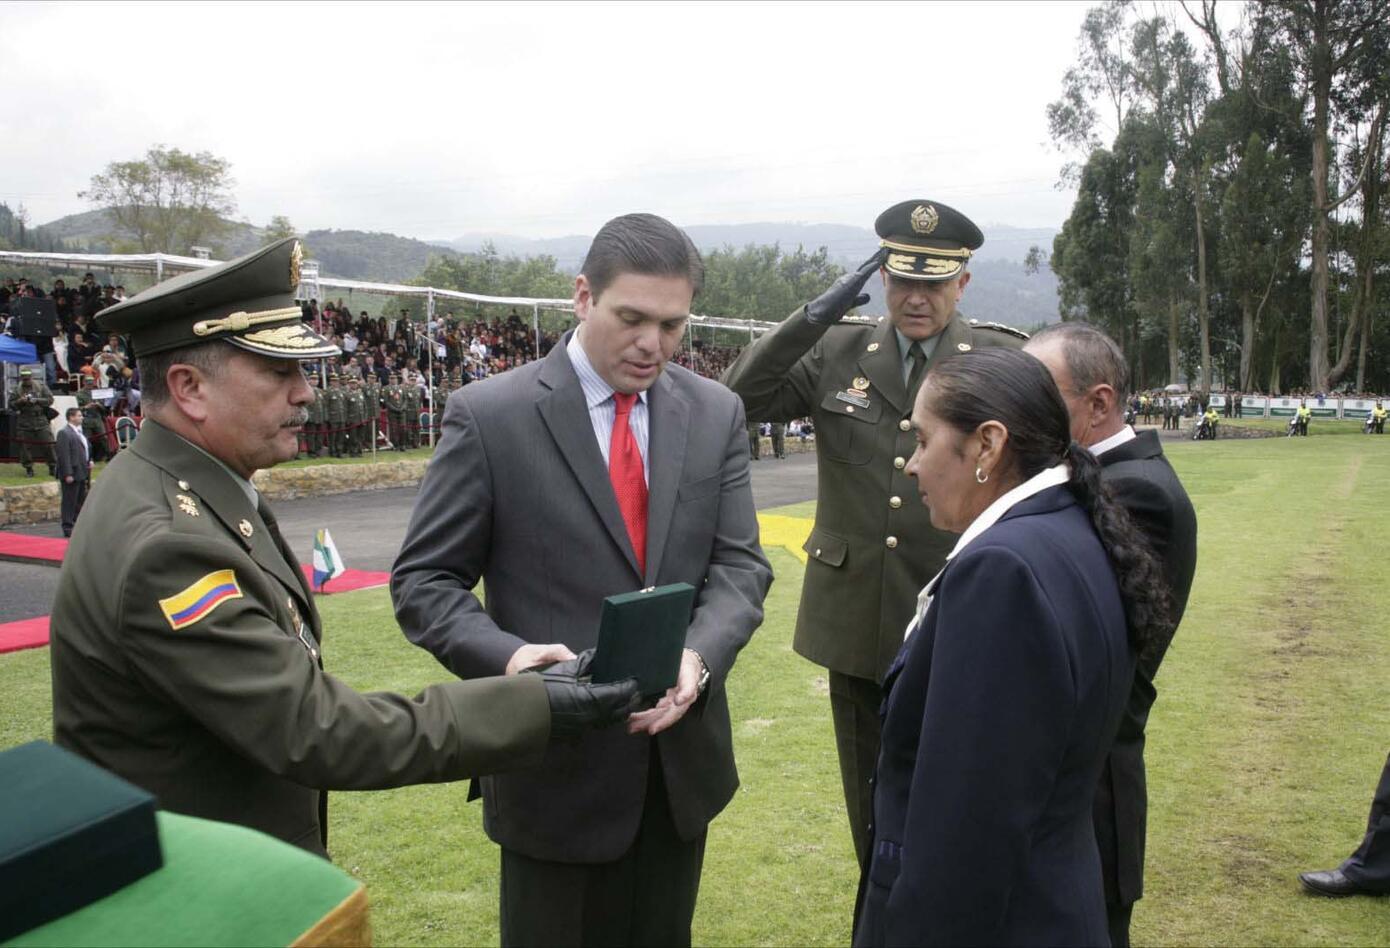 El entonces ministro de Defensa, Juan Carlos Pinzón, entregó la insignia de ascenso a los padres del intendente Luis Hernando Peña, quien subió de grado en cautiverio.